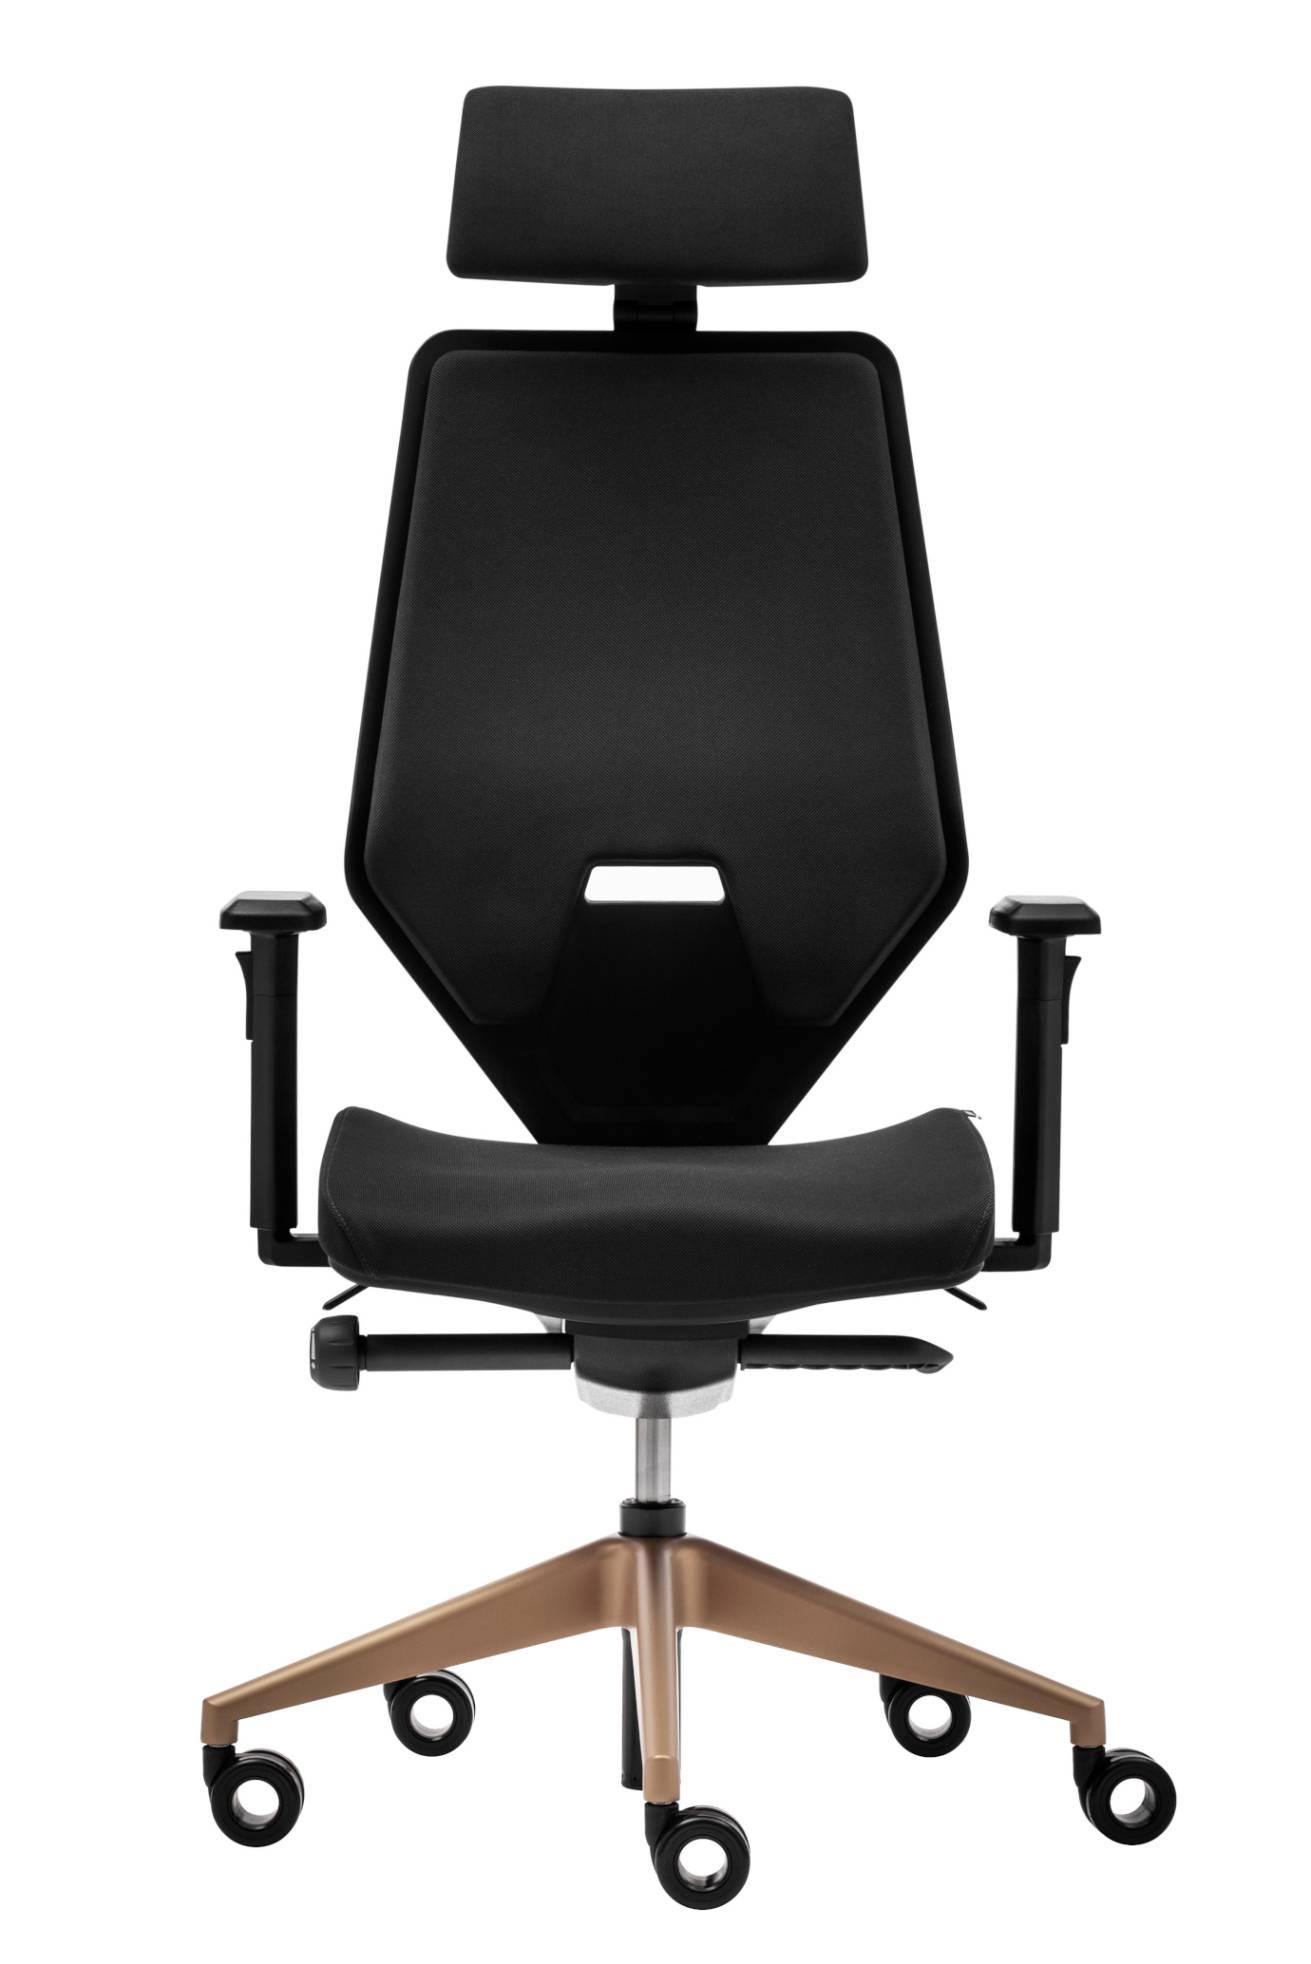 VANK V6 Chefsessel V6 613022 Büroeinrichtung